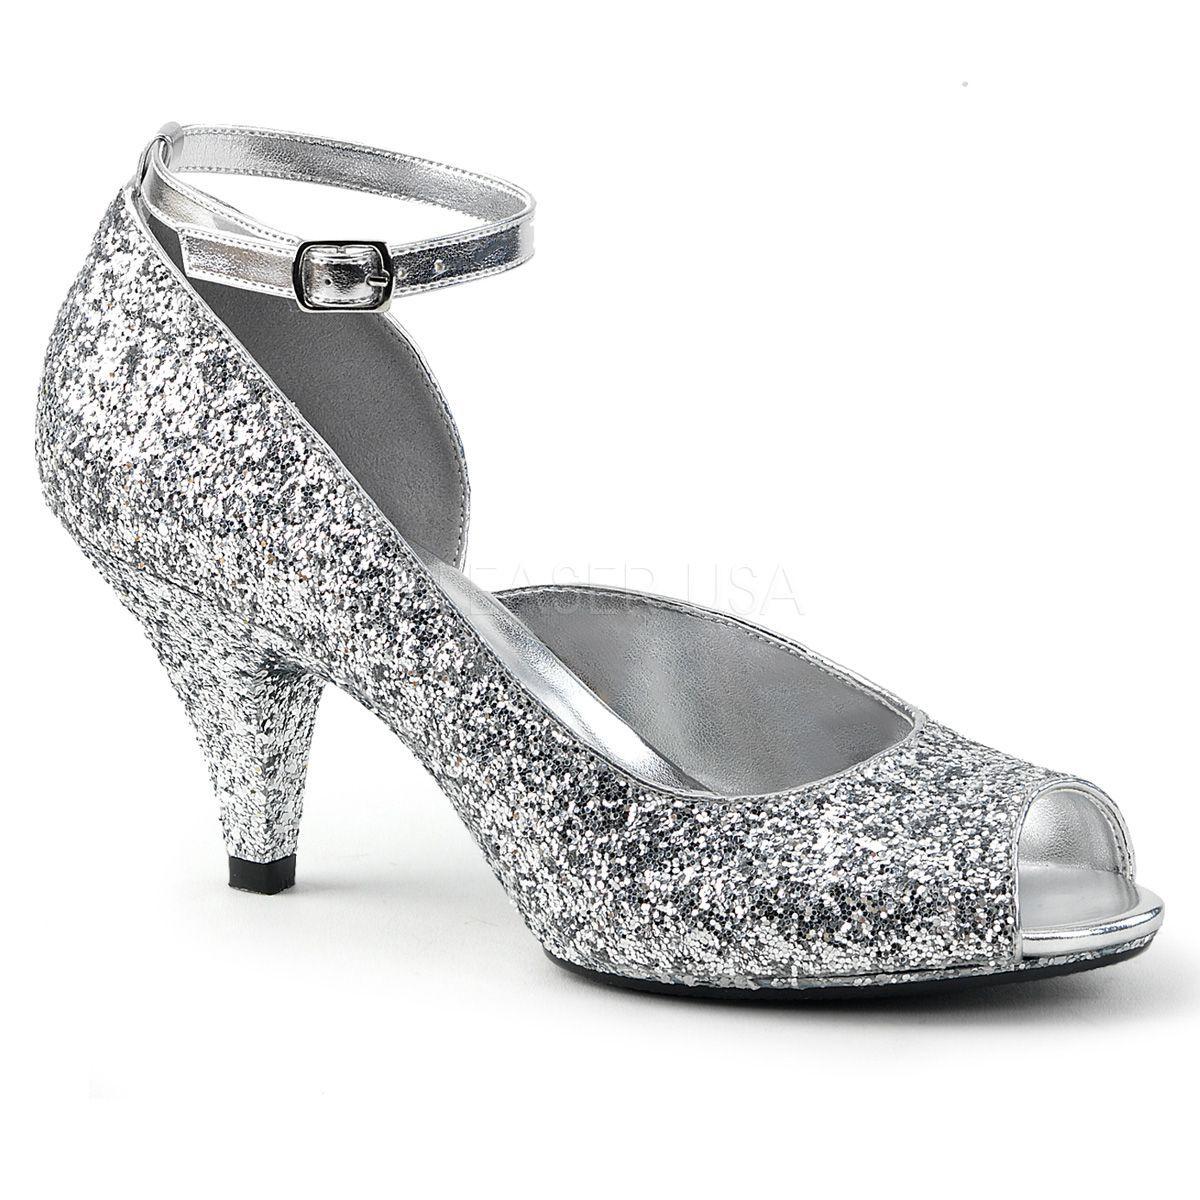 72db41f3bbc8a Zapatos de tacón bajo y correa recubiertos de purpurina tallas 35 a 48